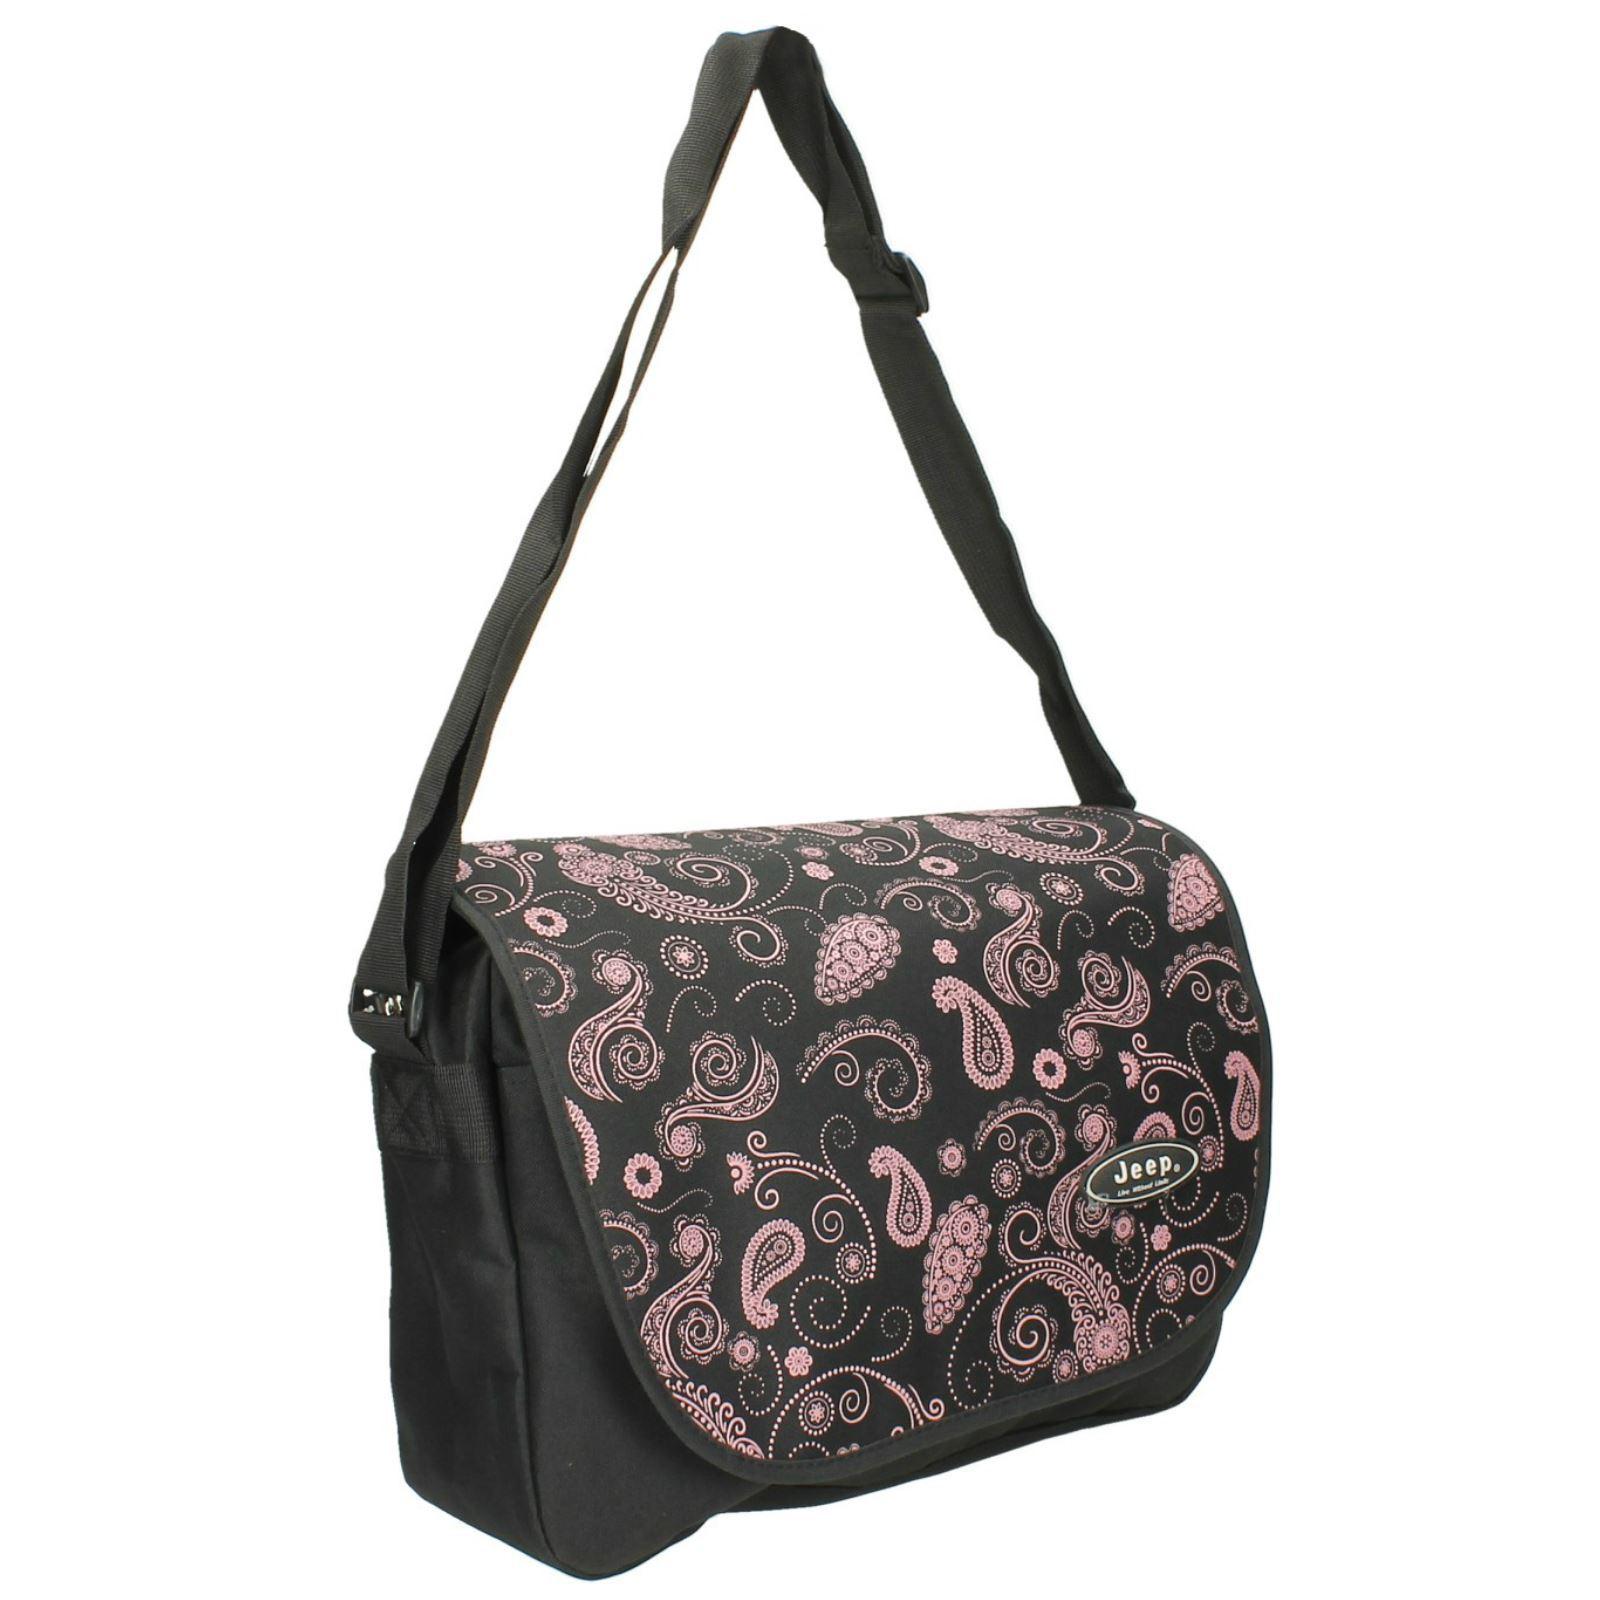 29d0197fa442 Jeep Ladies Black Floral Print School Laptop Computer Messenger Courier Bag.  Product Details